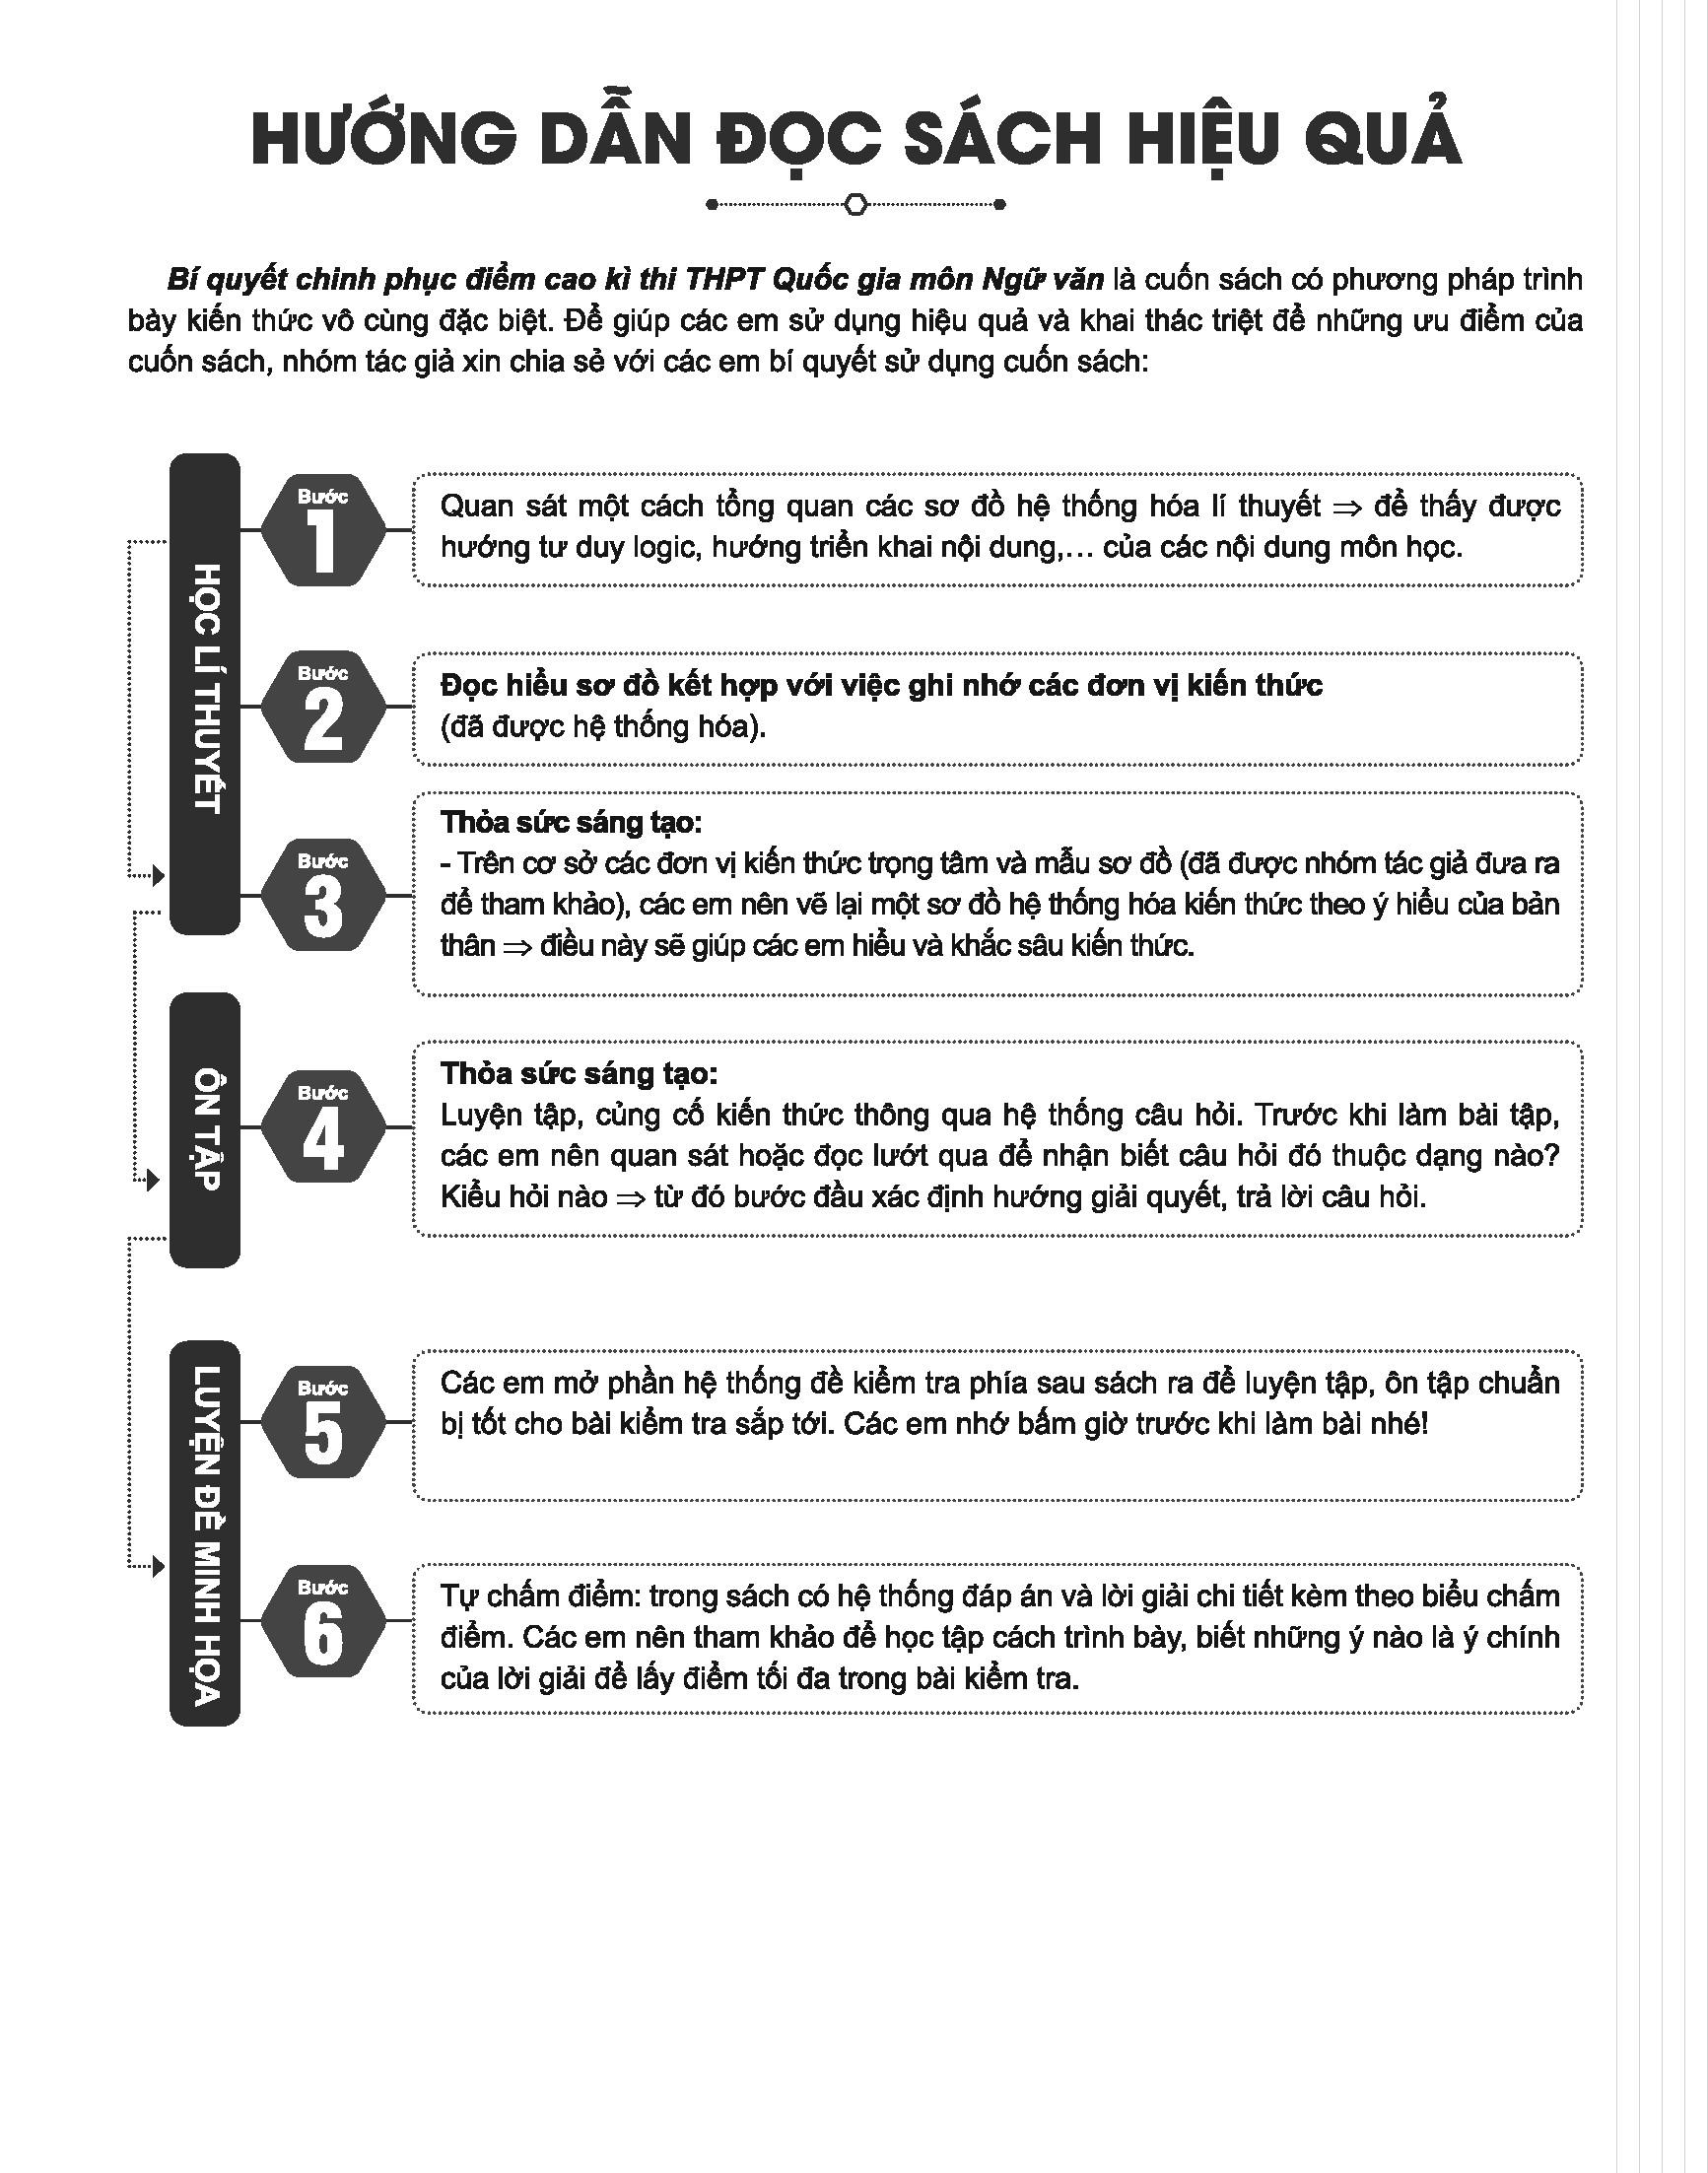 Bí quyết chinh phục điểm cao kì thi THPT Quốc gia môn Ngữ văn